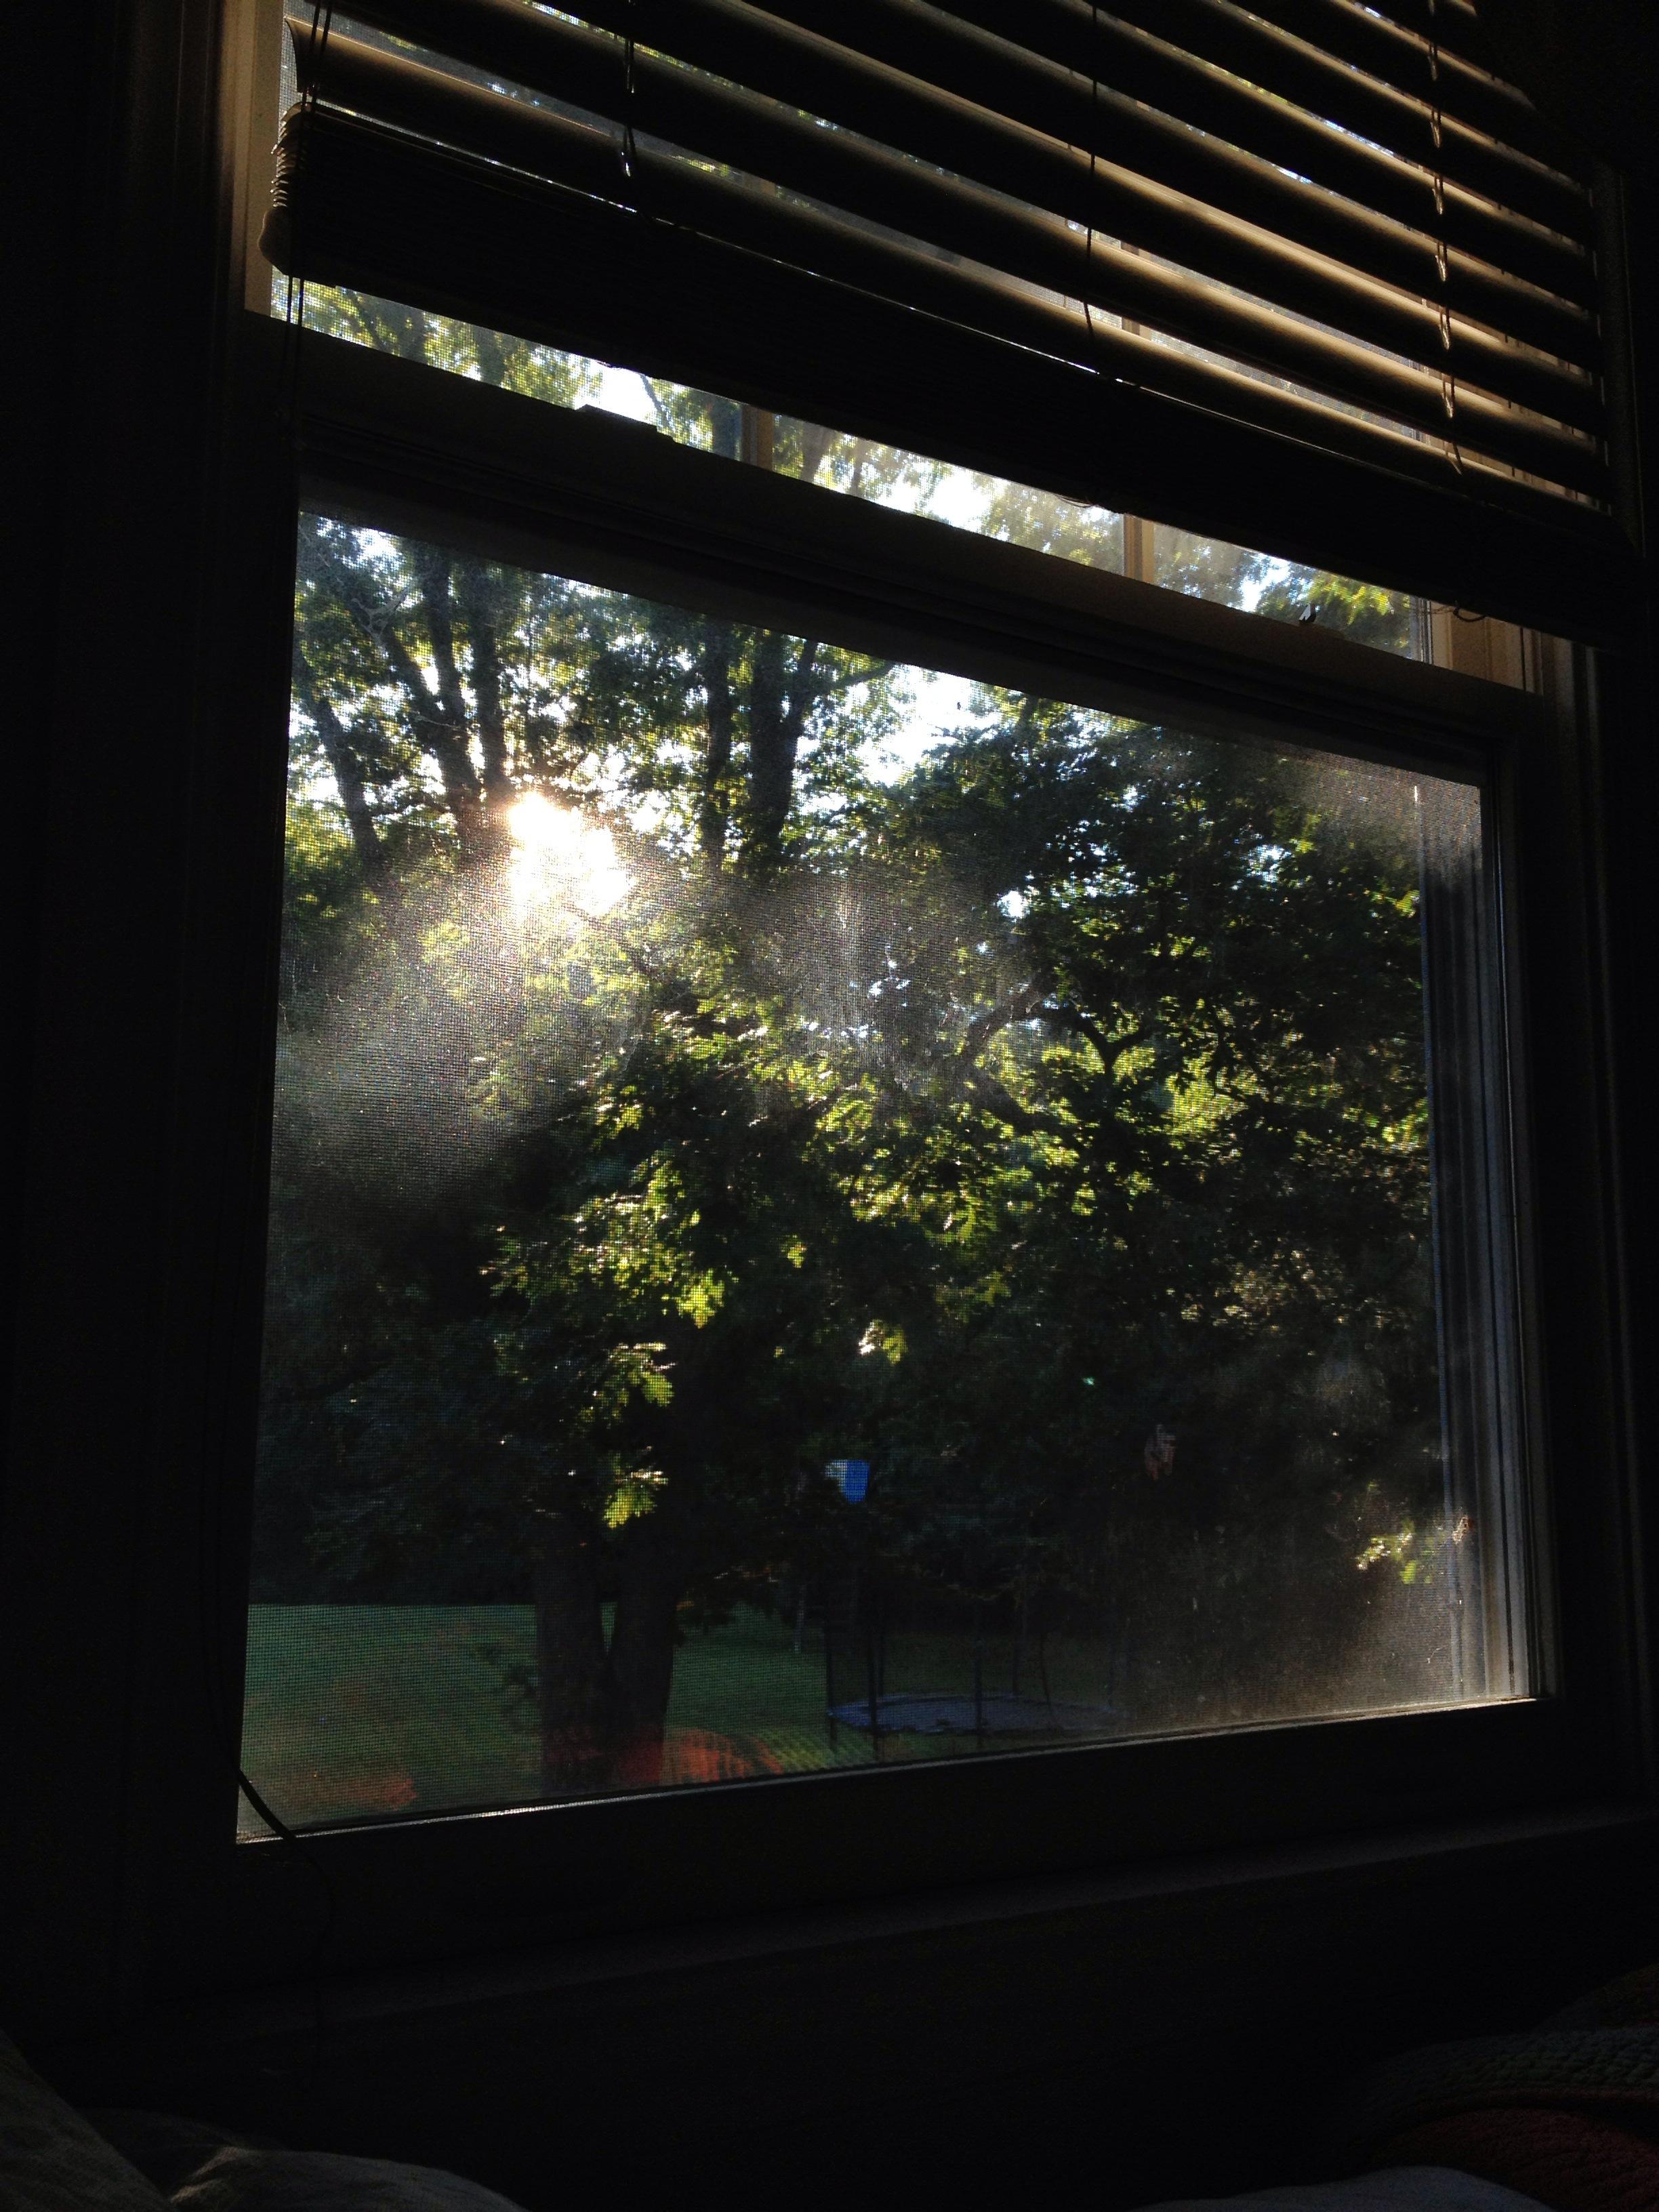 September 2013 - Early morning